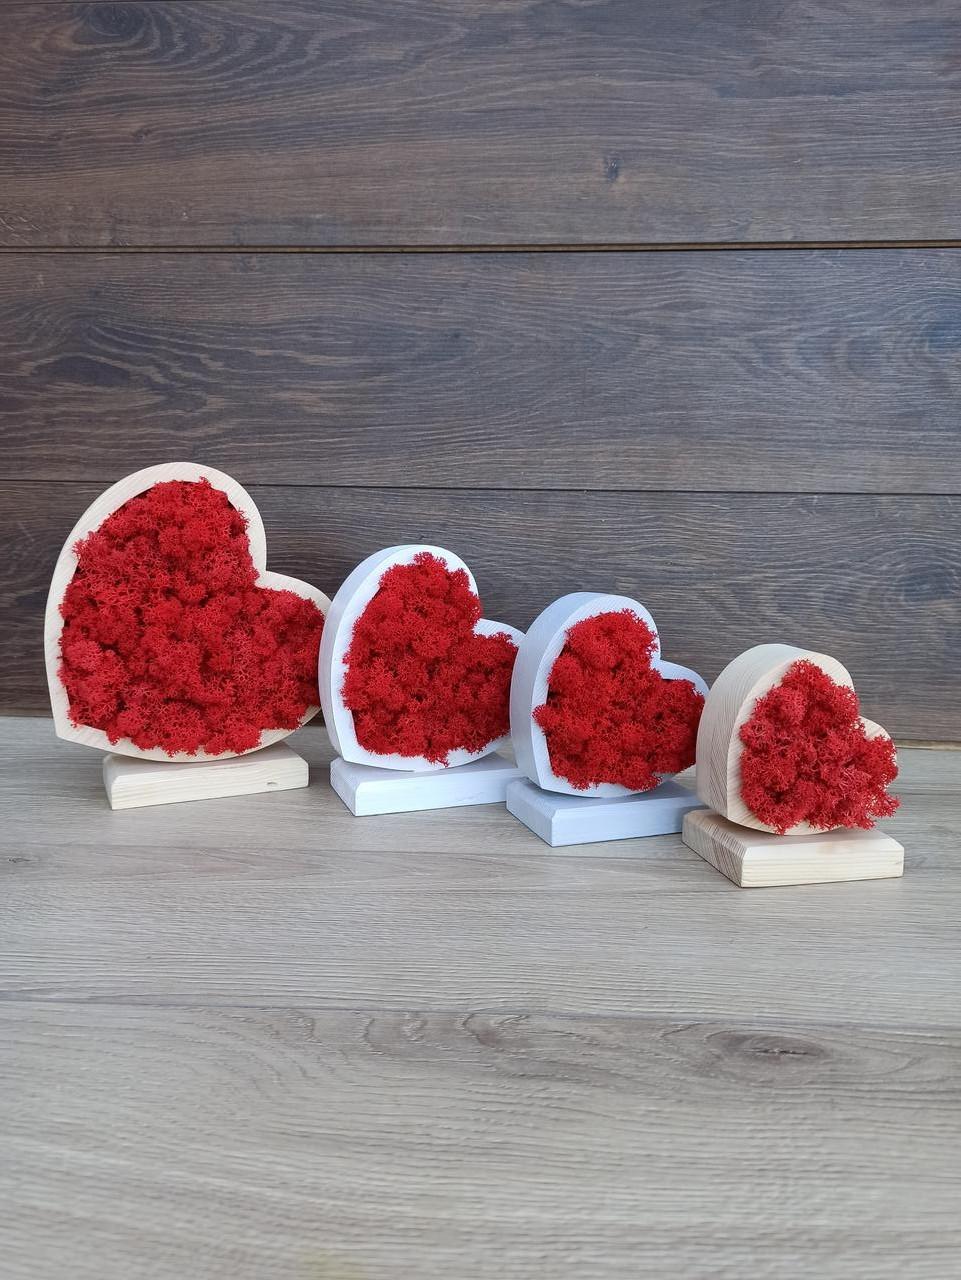 Декоративне серце з червоним мохом - декор чи/або подарунок до дня святого Валентина